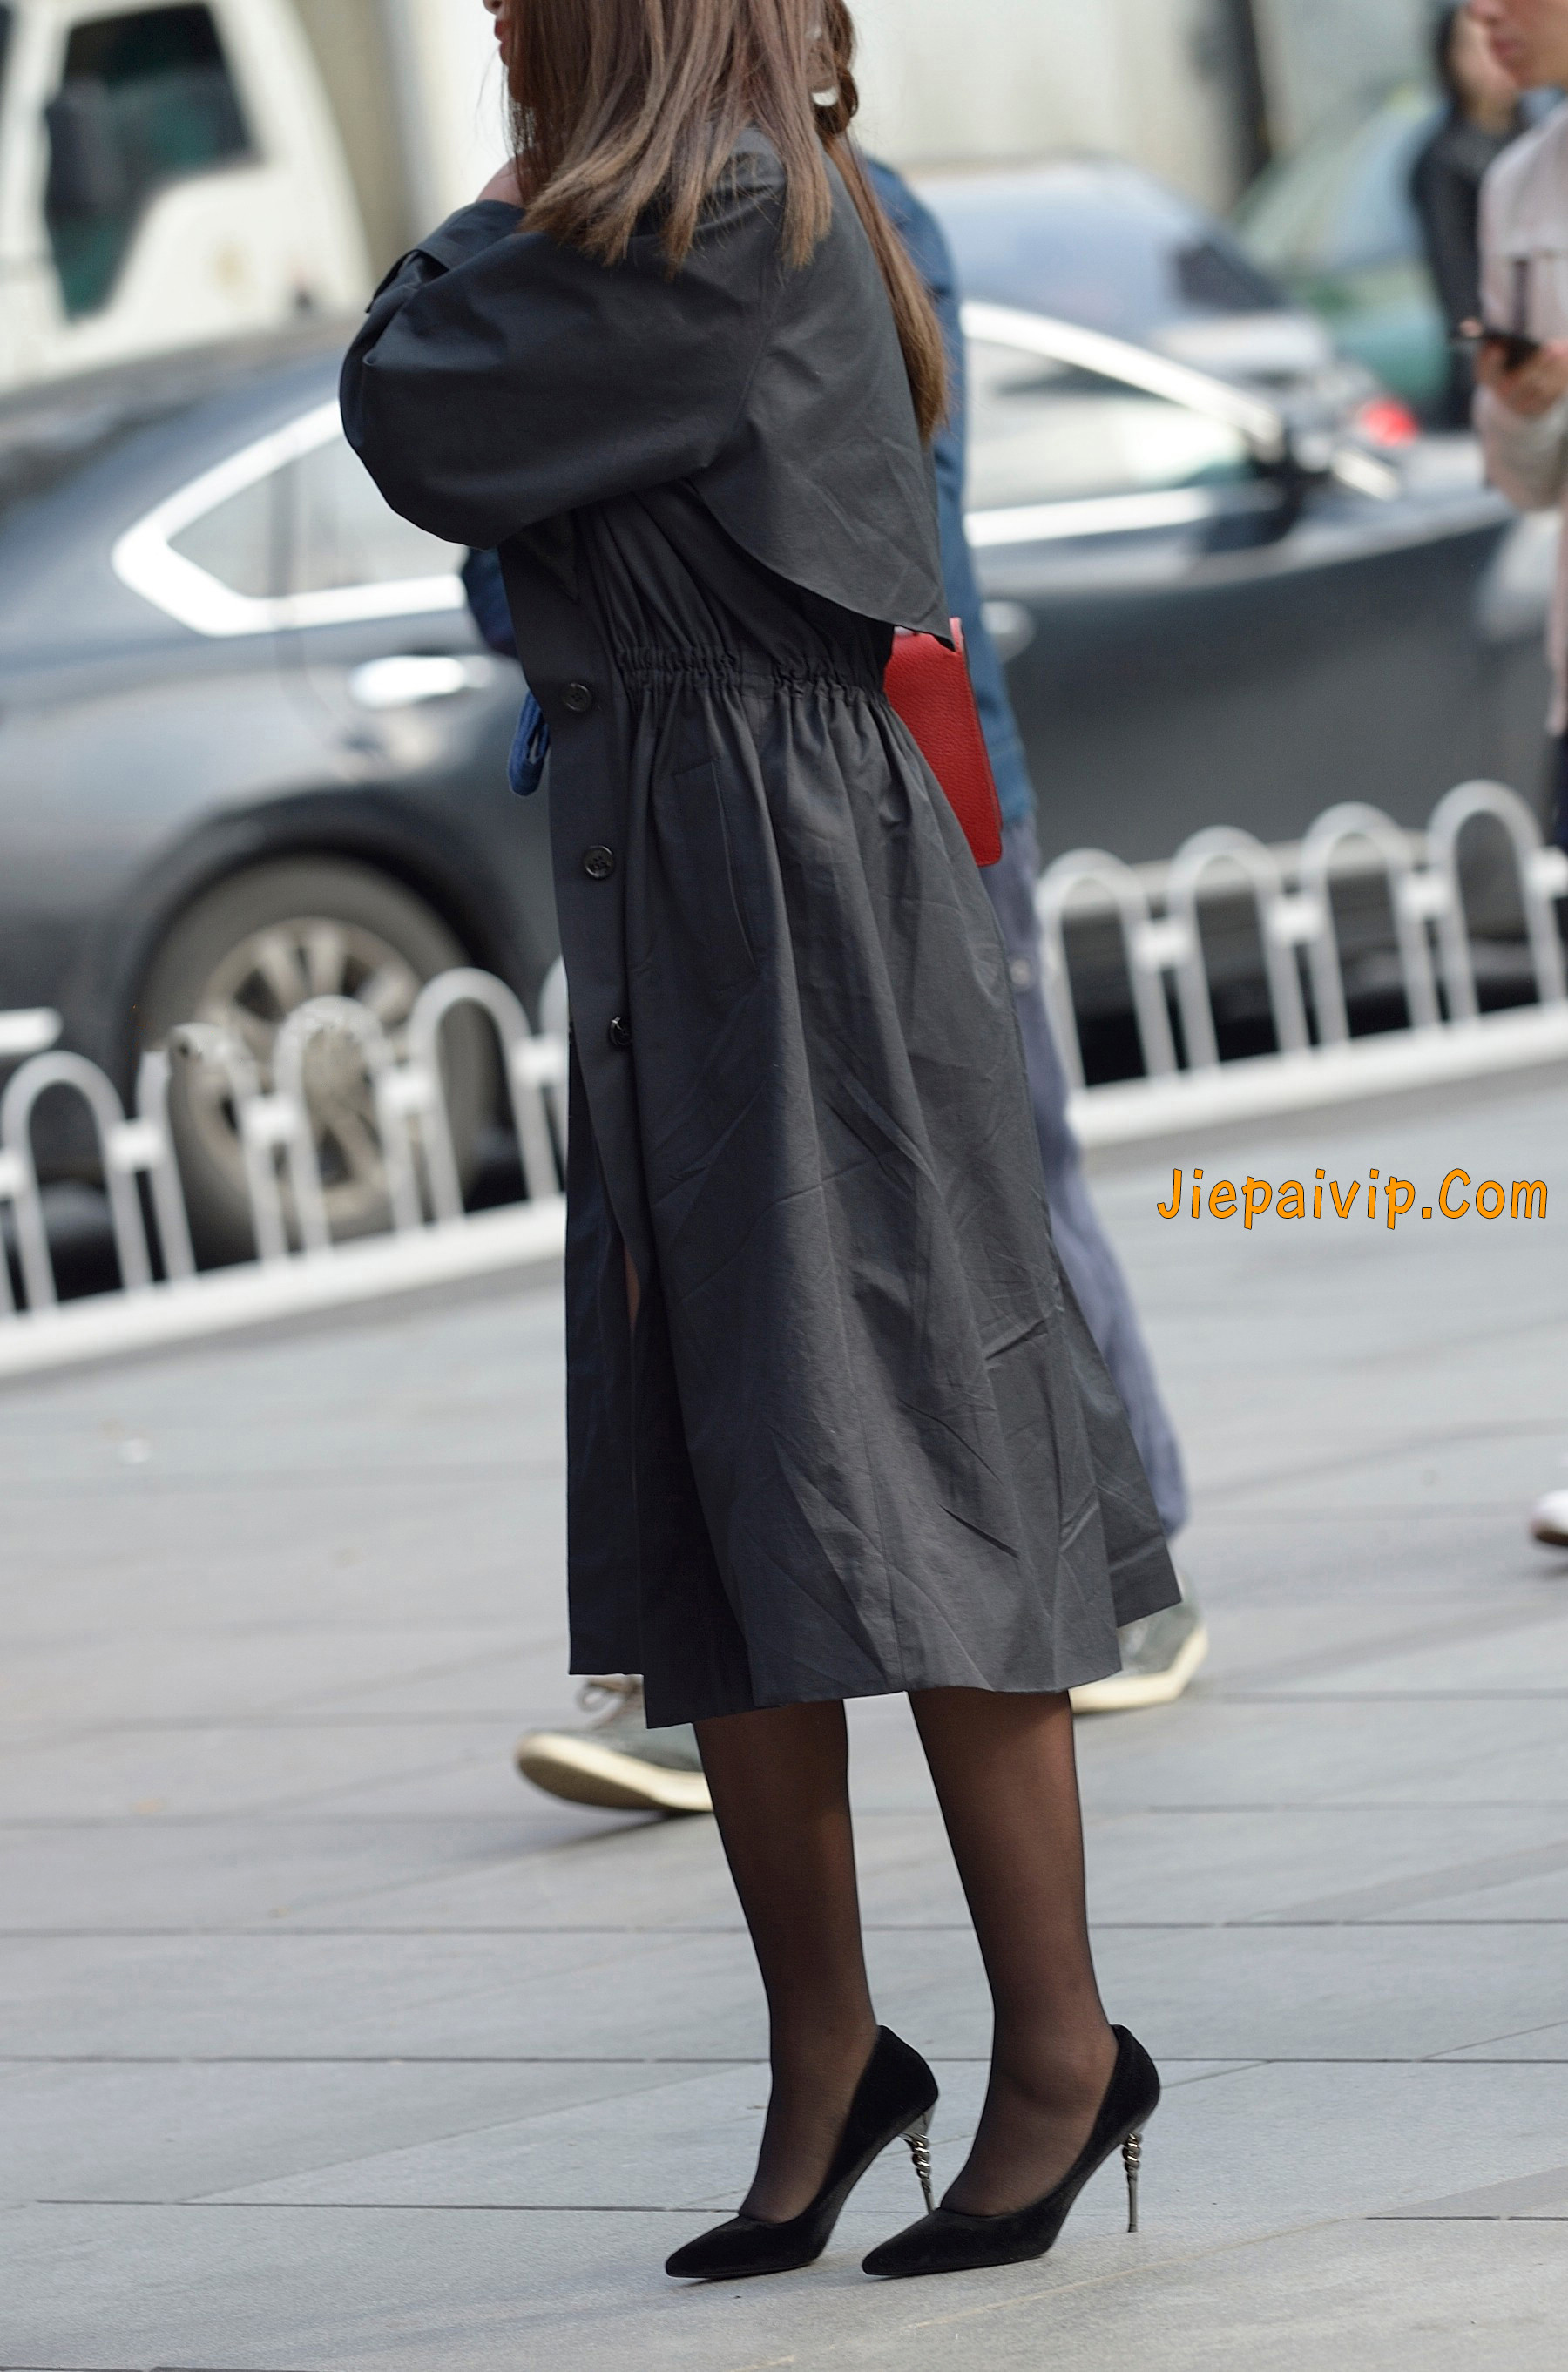 黑丝短裙 美腿女郎7